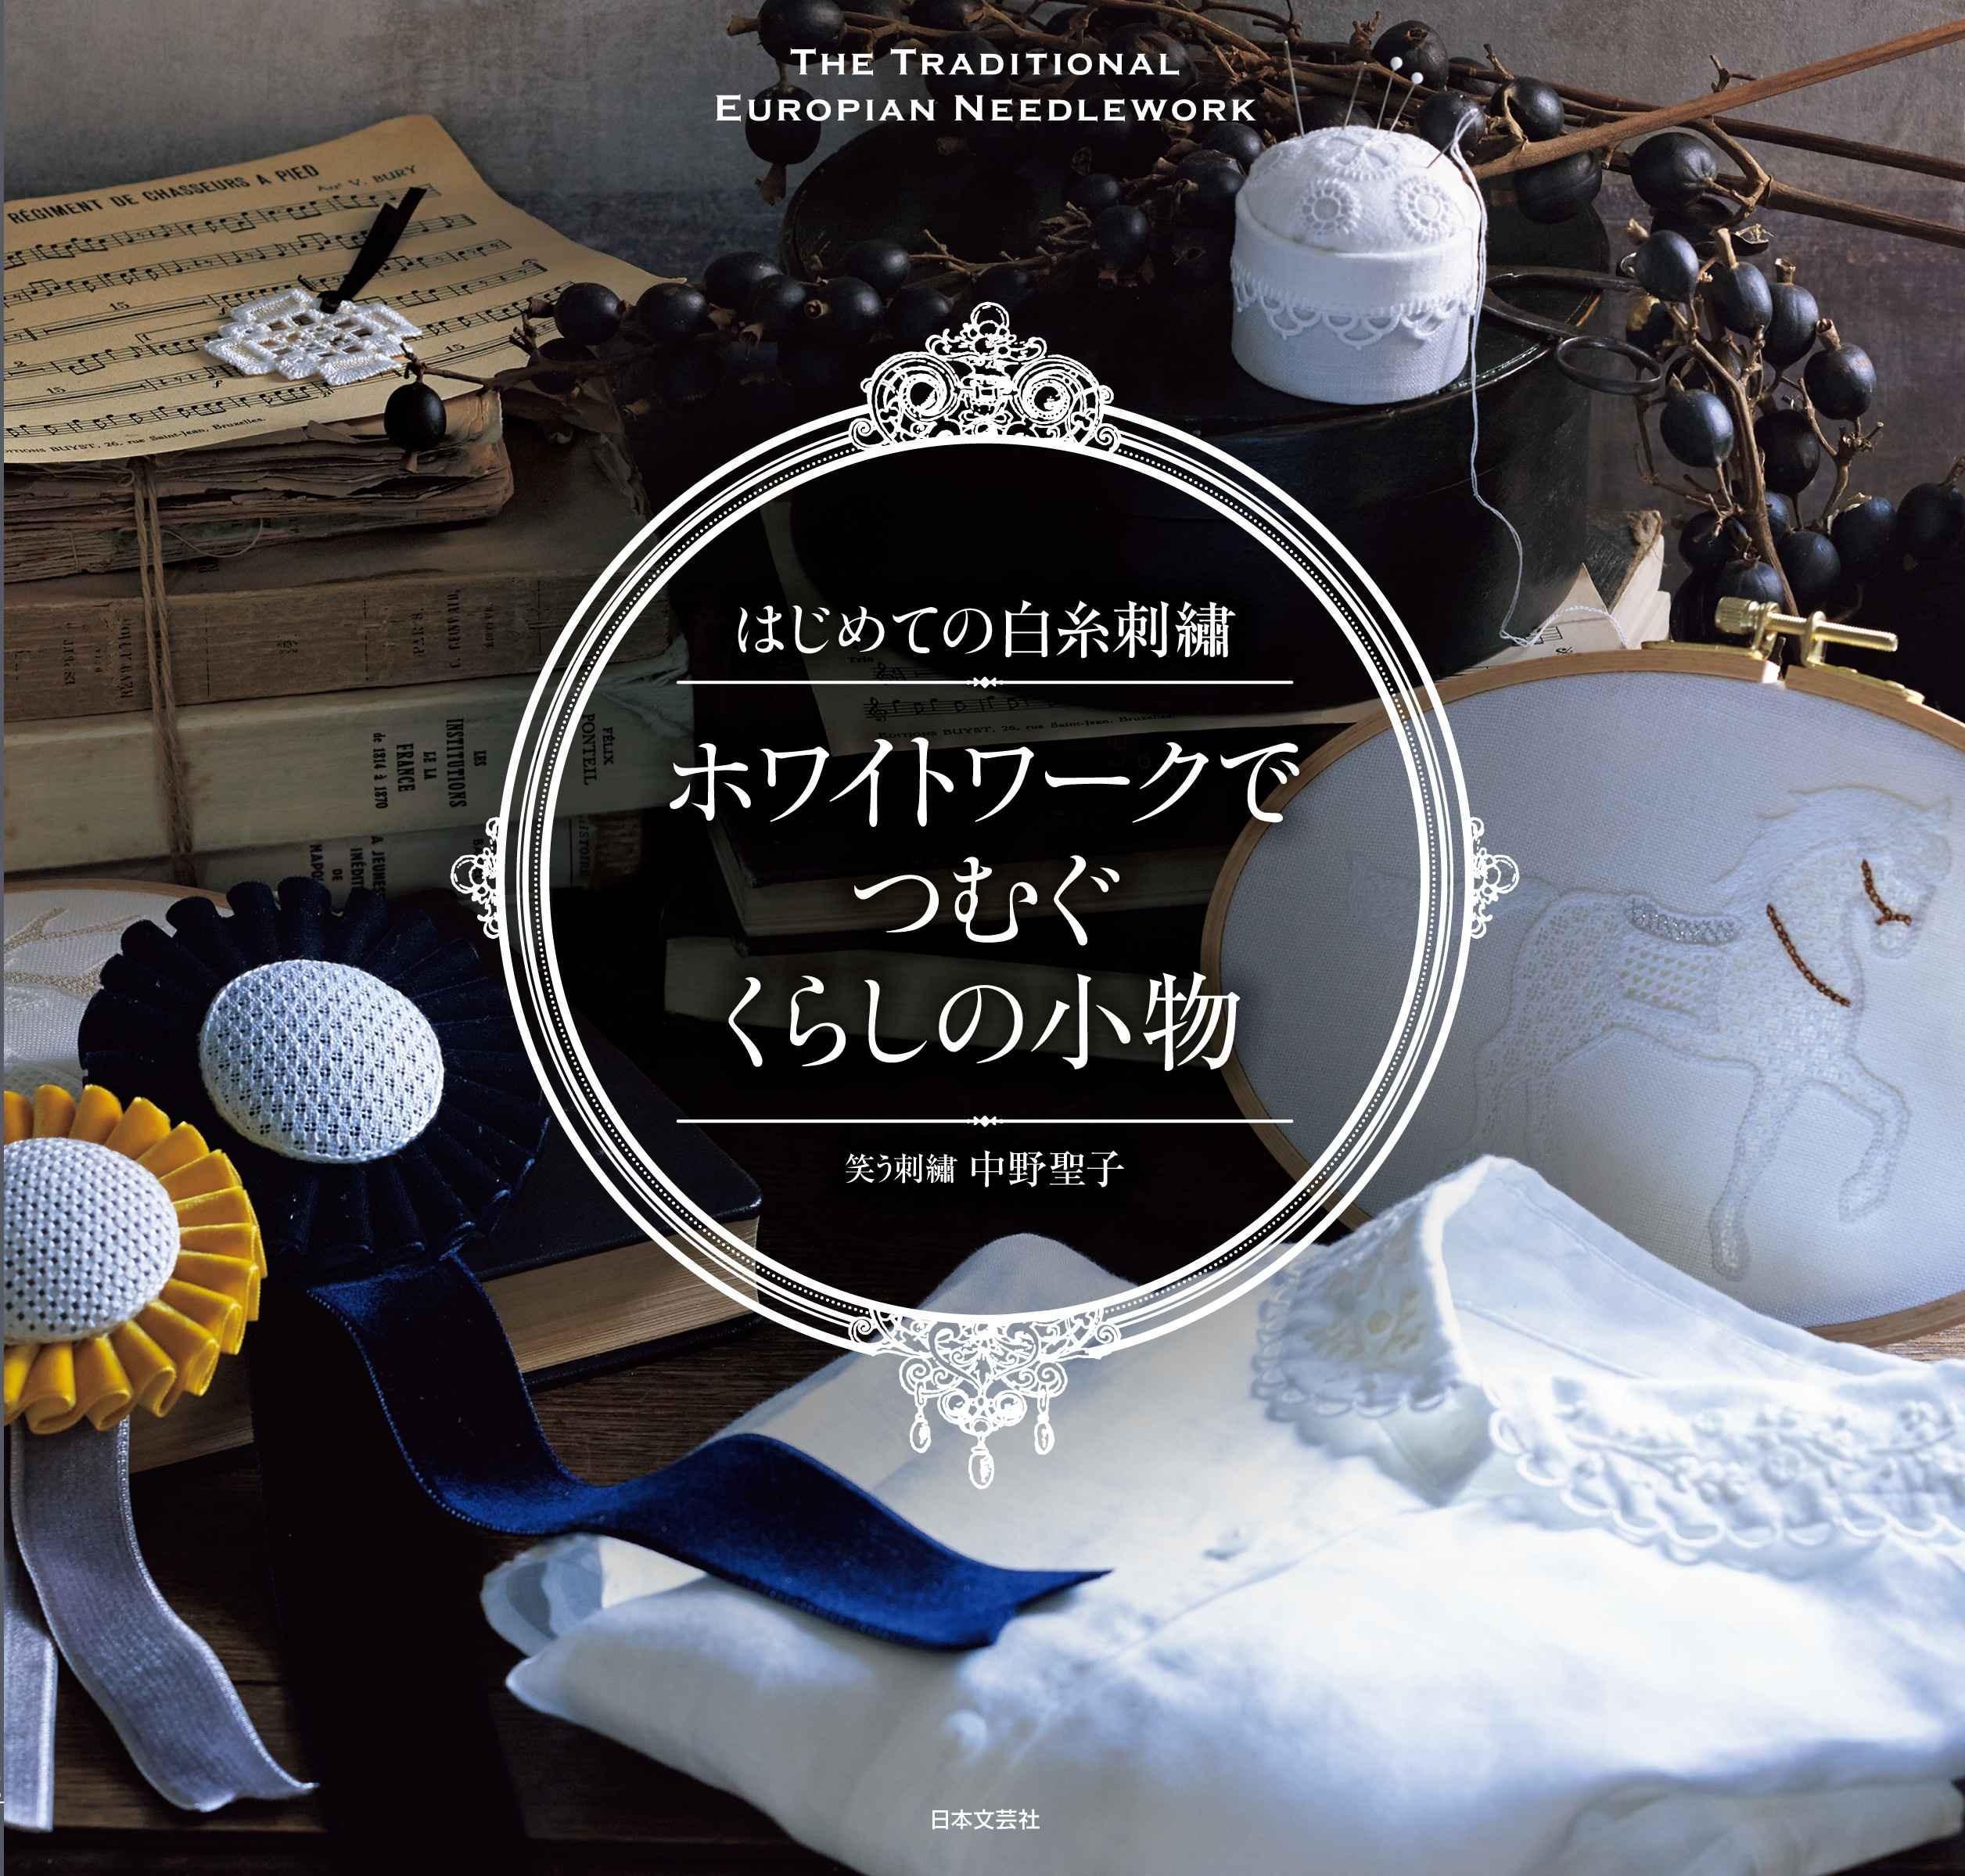 笑う刺繍:出版記念イベント 代官山蔦屋 6/10〜、簡単&楽しい!